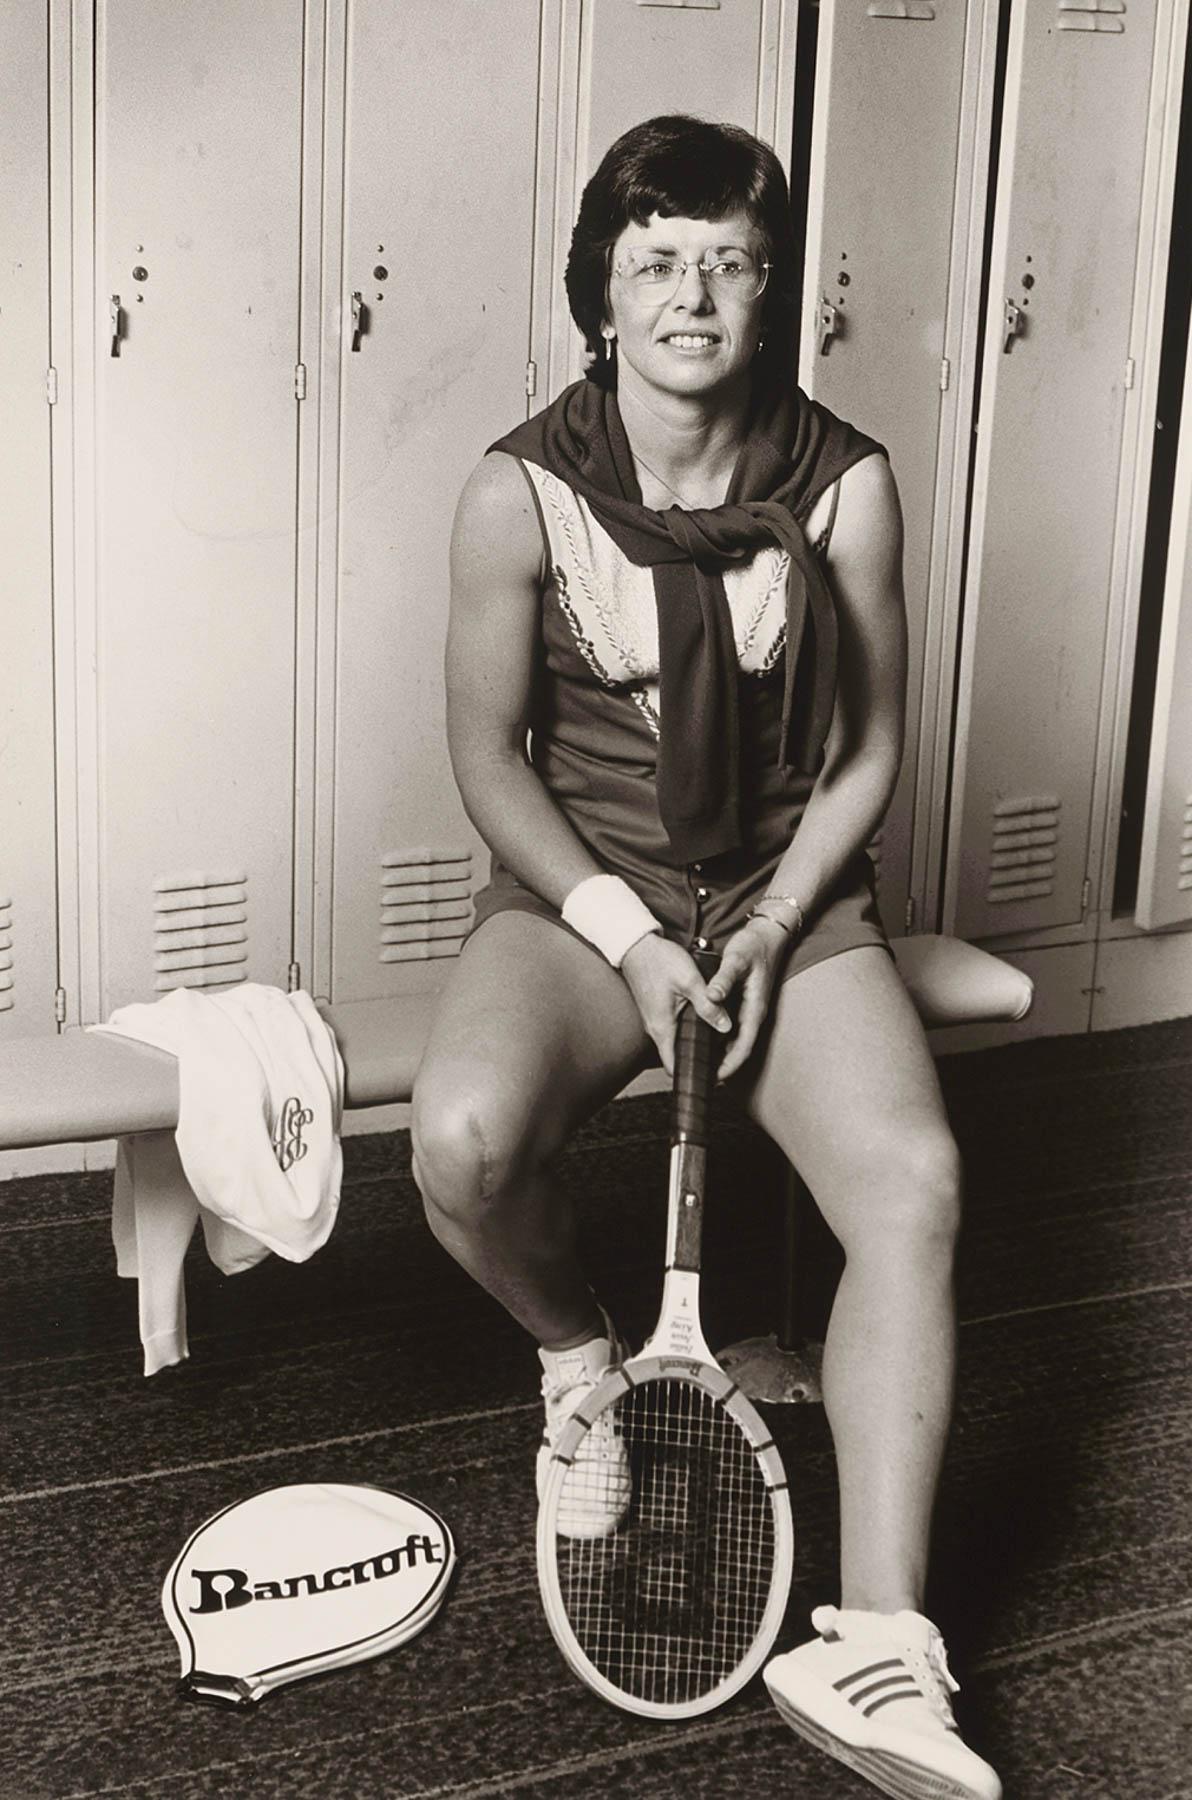 La estrella de tenis Billie Jean King sentada en un vestuario, sosteniendo una raqueta de tenis (© Lynn Gilbert)